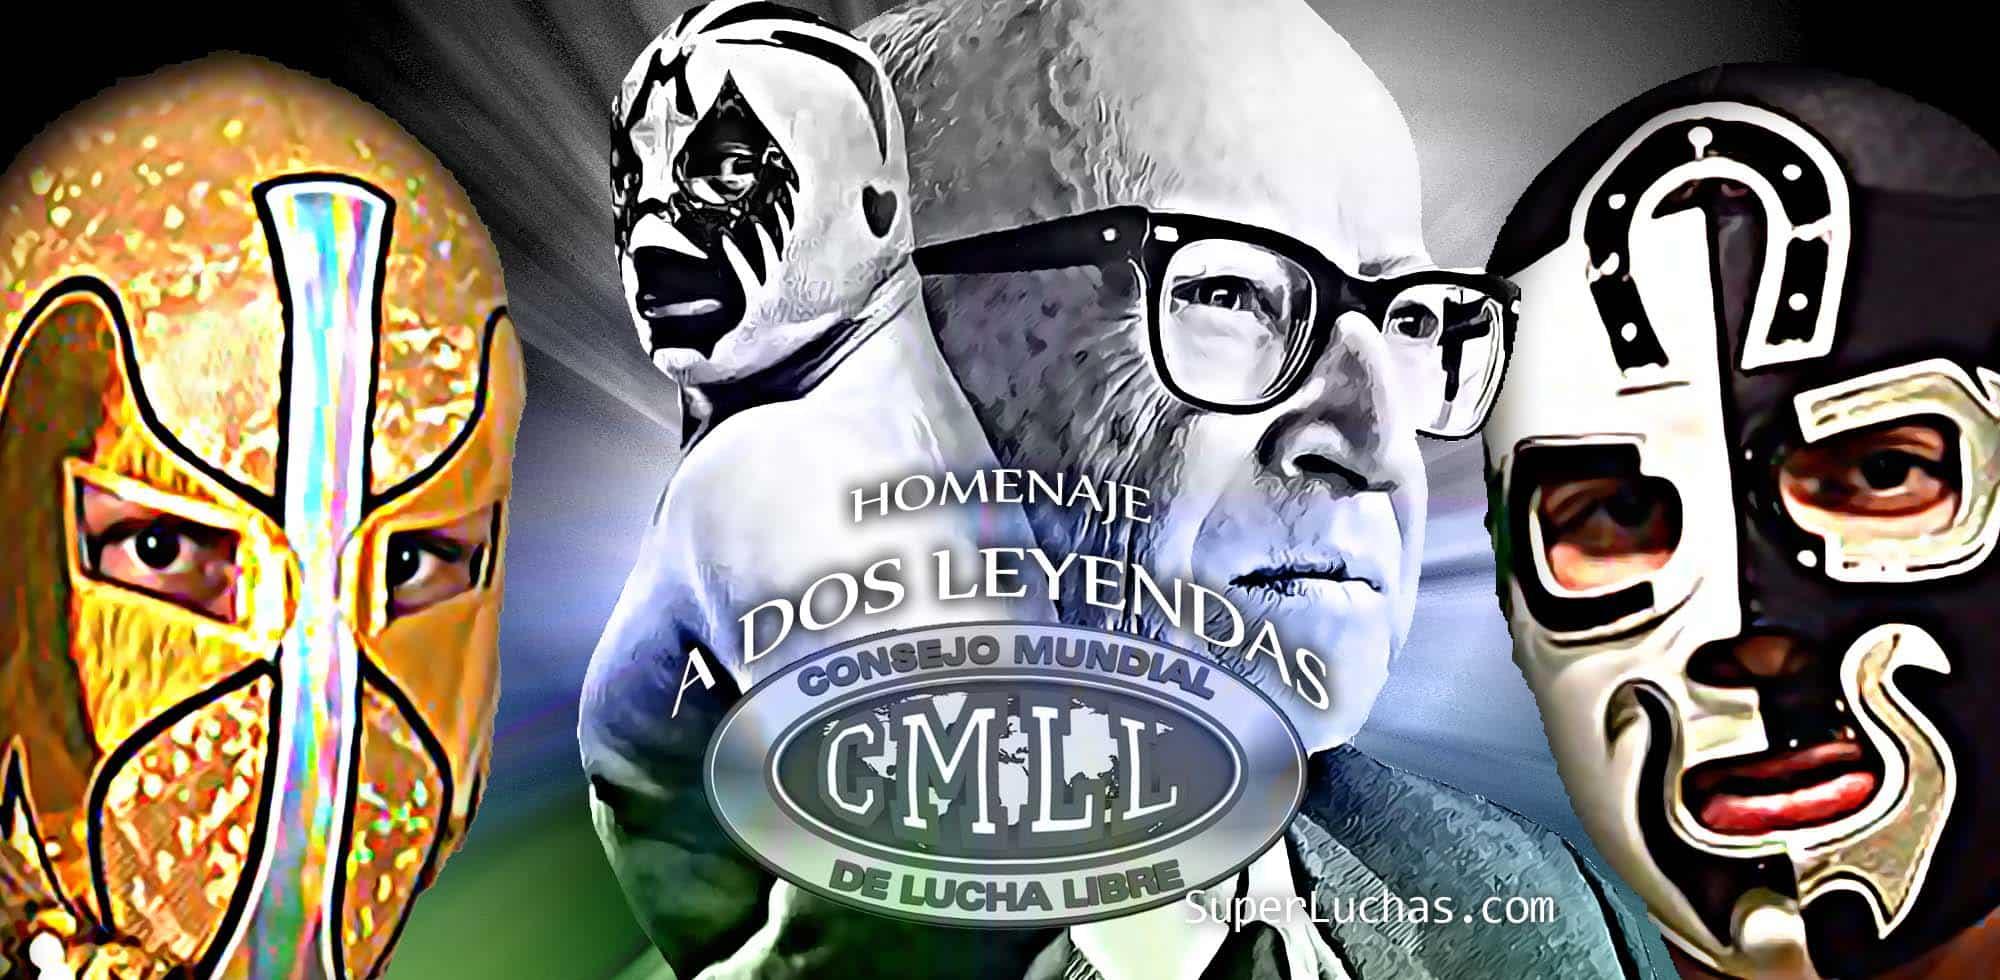 Resultados Homenaje a Dos Leyendas: Ángel de Oro vs. Cuatrero 1